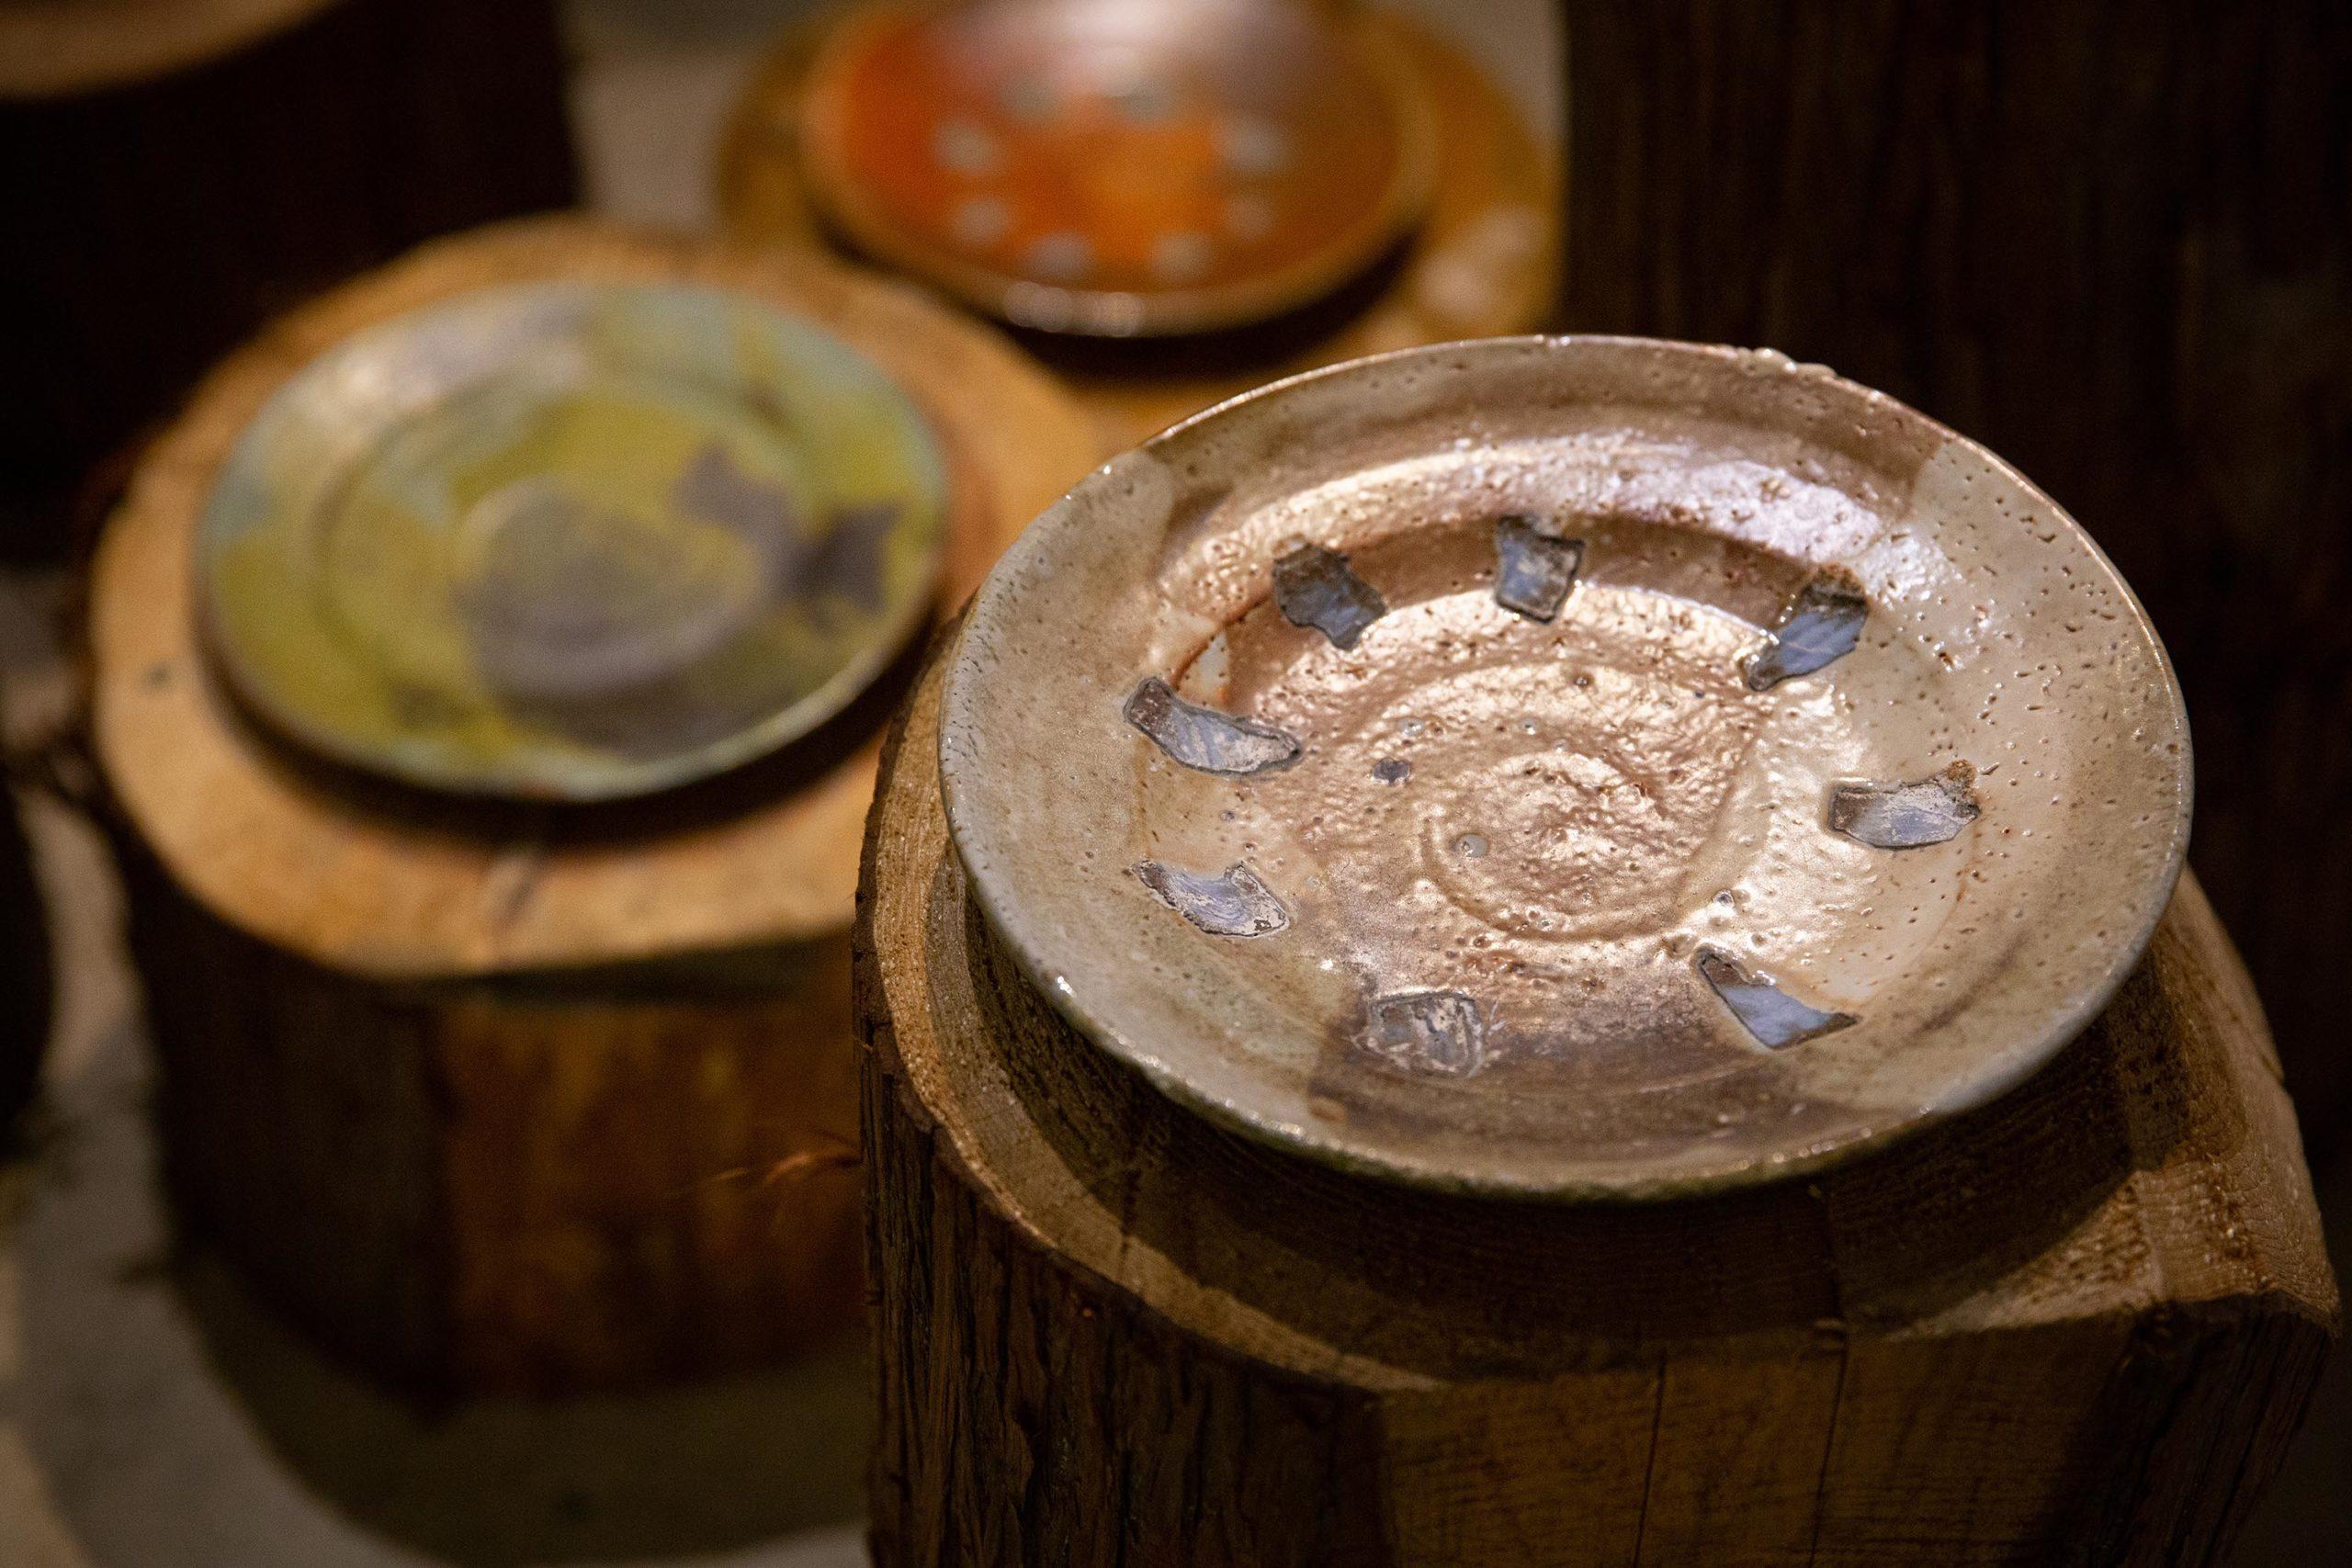 Kjell Hahn Anagama-fired ceramic plates